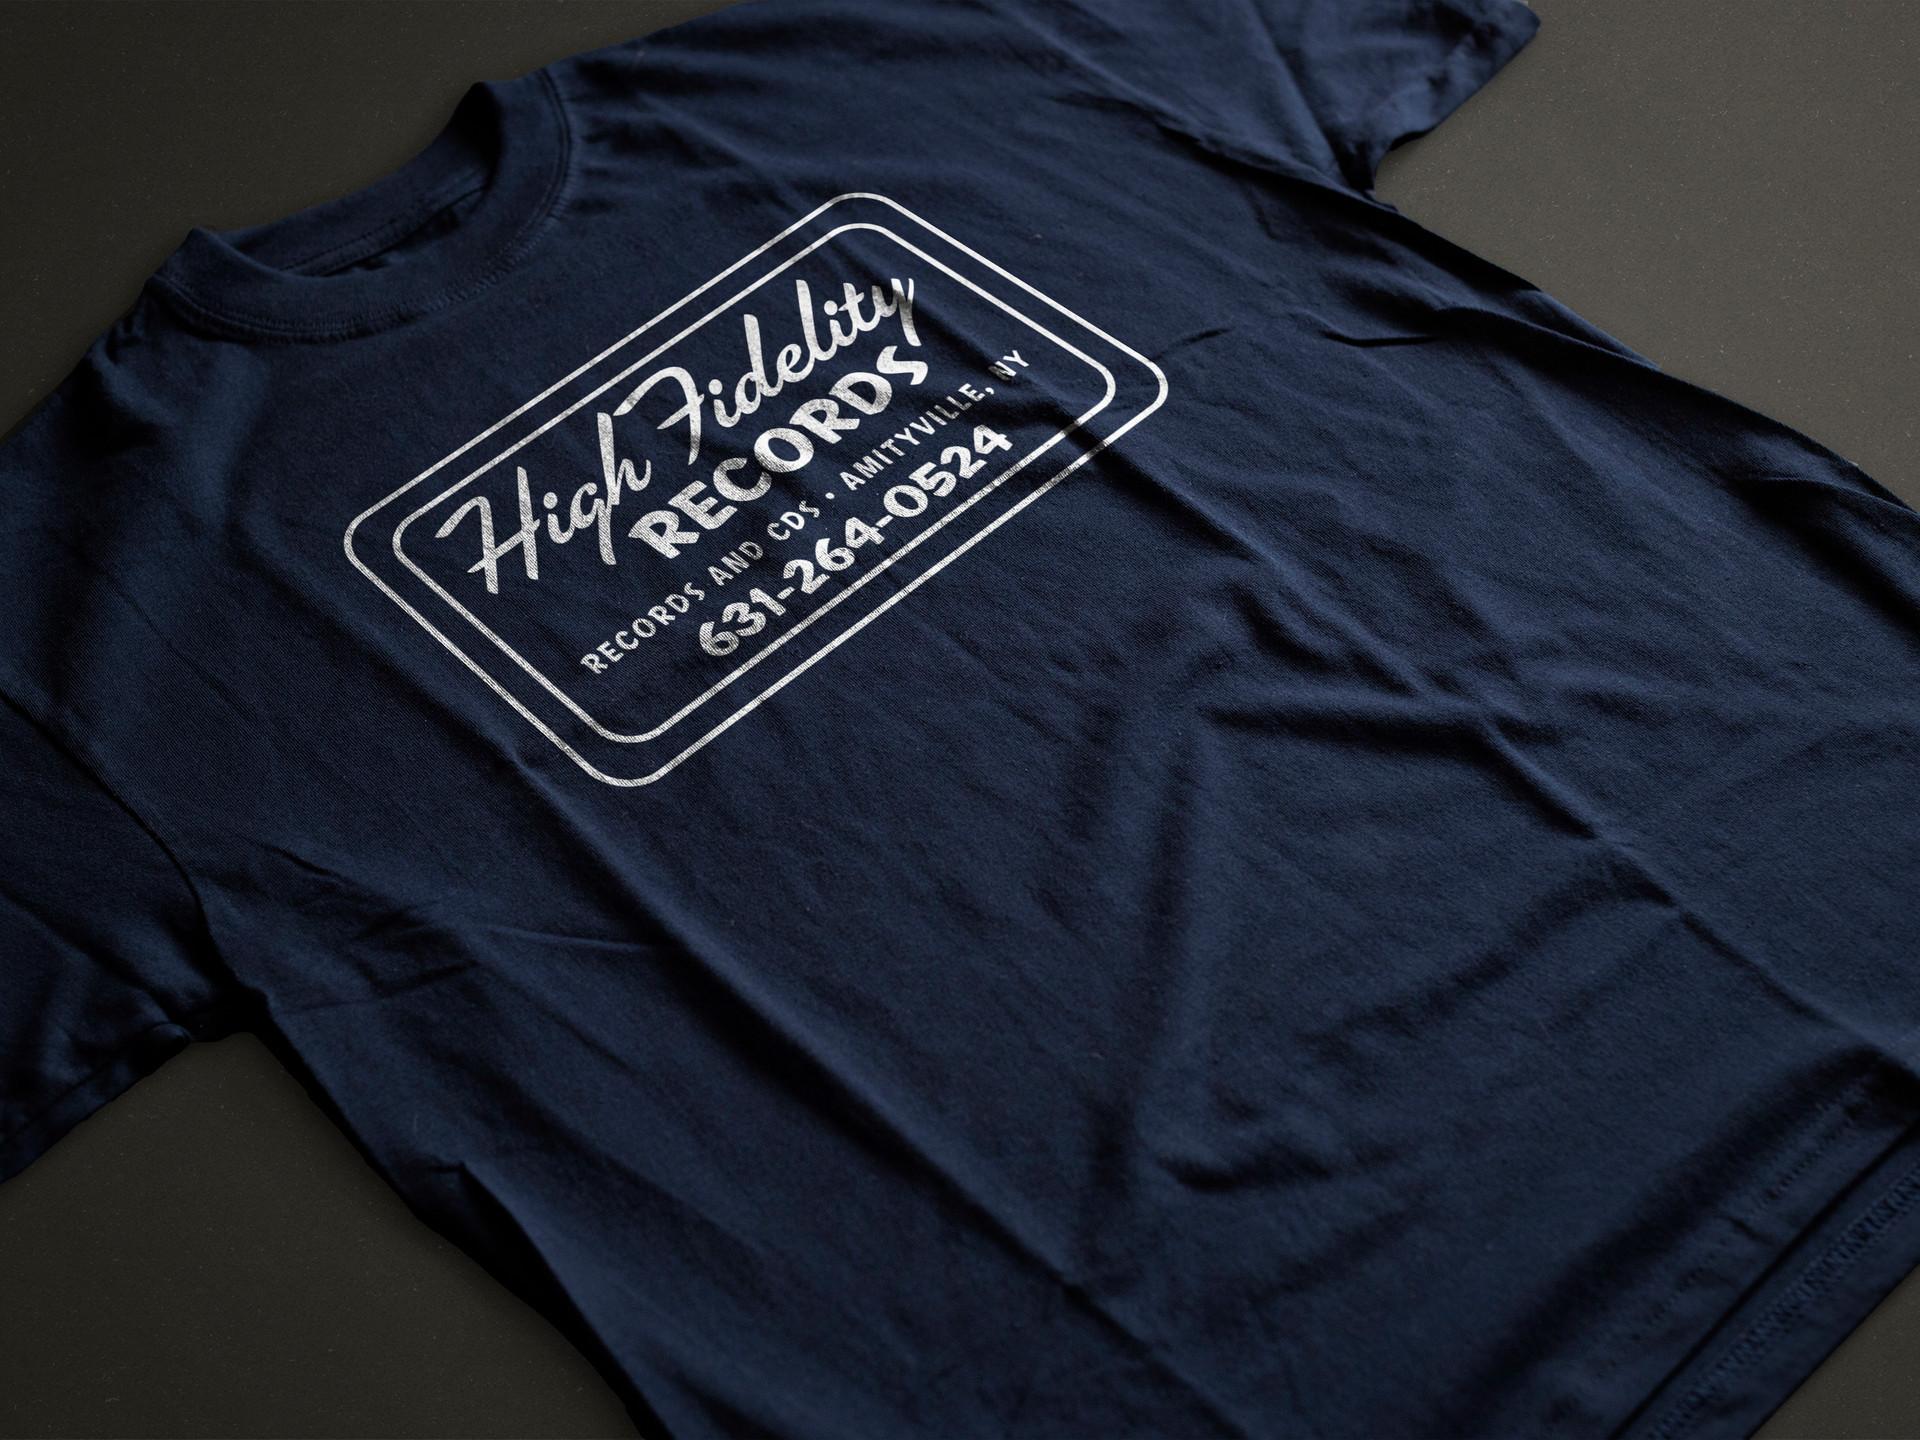 high fidelity shirt mock 5.jpg